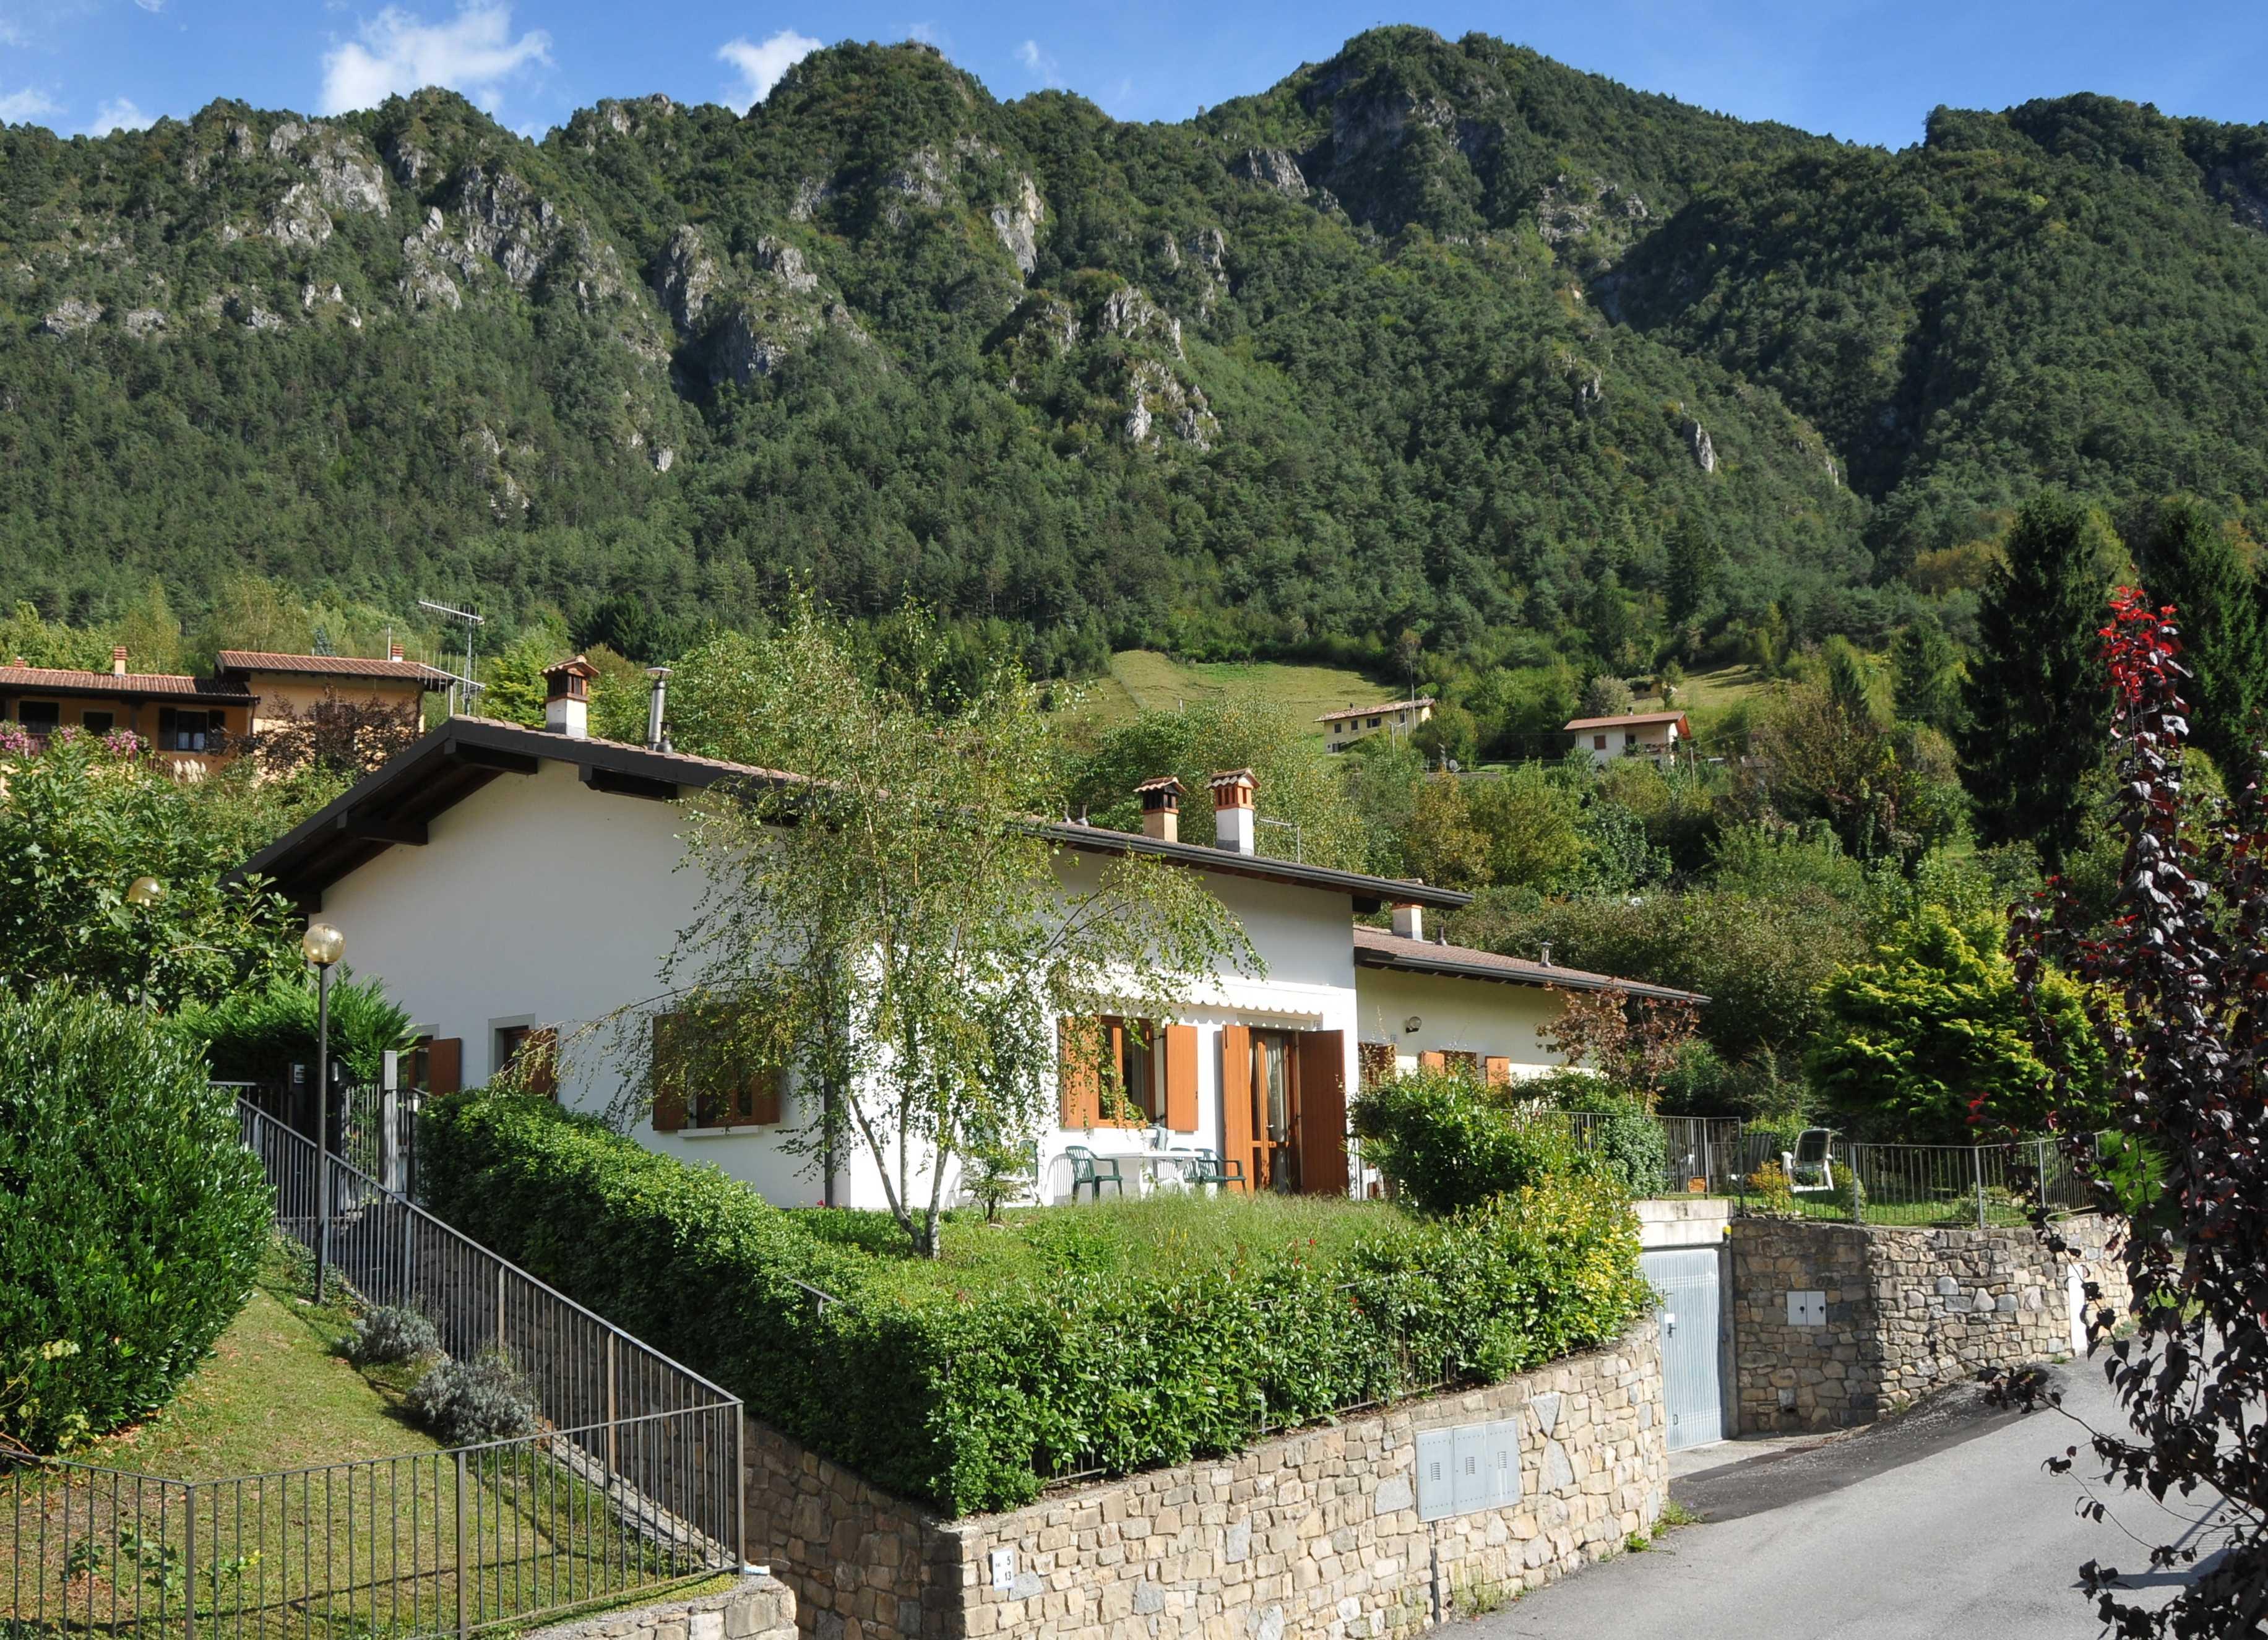 Casa Lucia vista dall'esterno - lago di Idro - Hotel Alpino